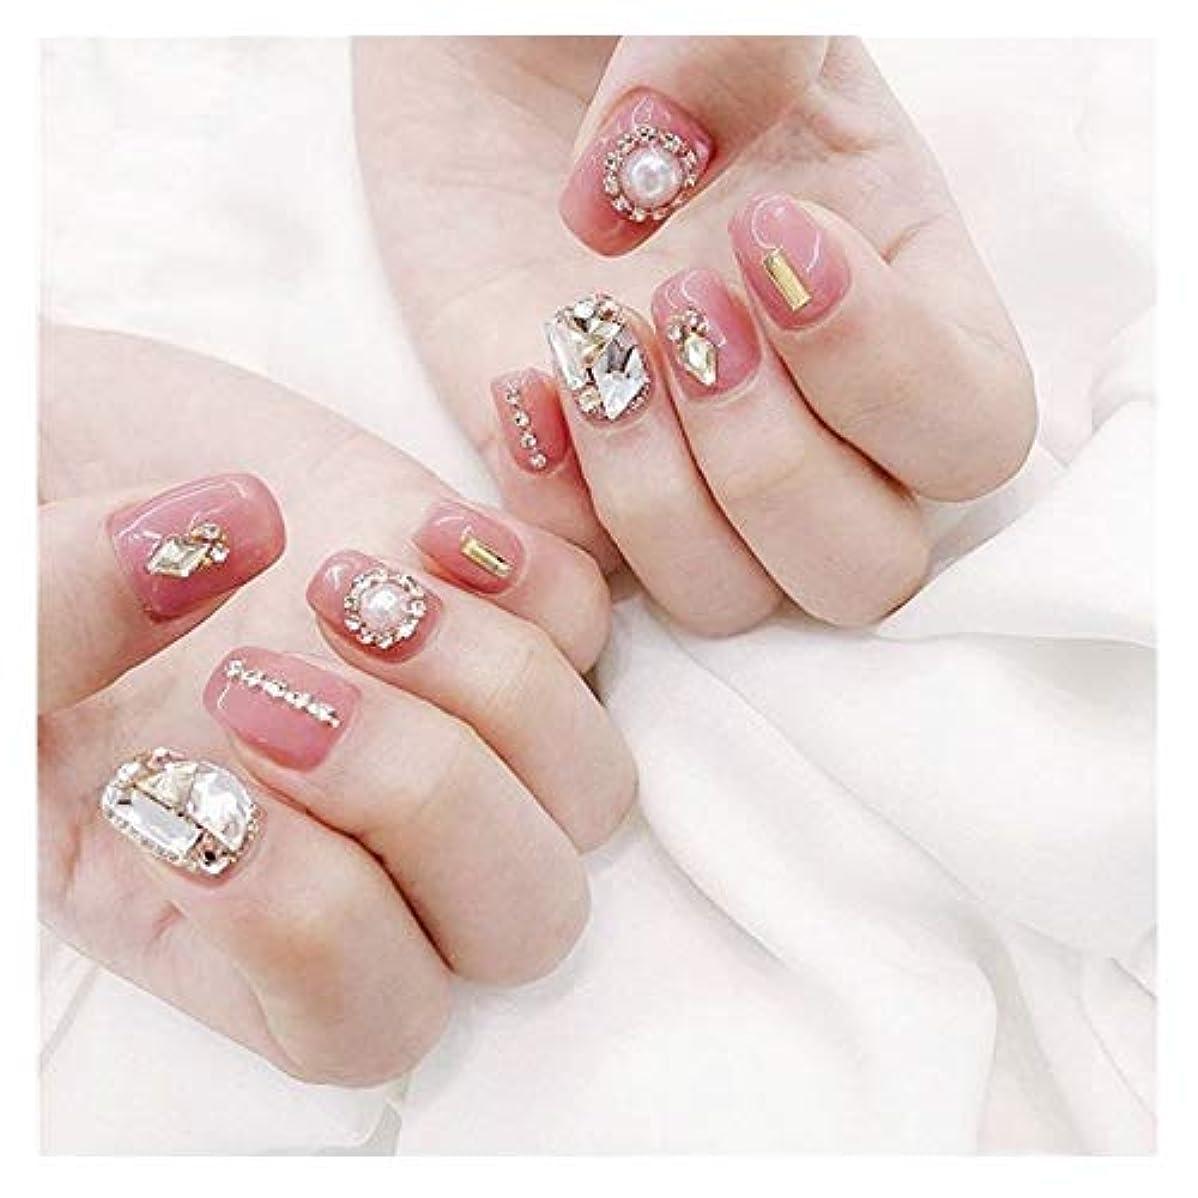 ここに洞察力鏡TAALESET ダイヤモンドのり偽の爪ピンクのかわいい花嫁フォトスタジオ完成ネイル偽の釘 (色 : 24 pieces)